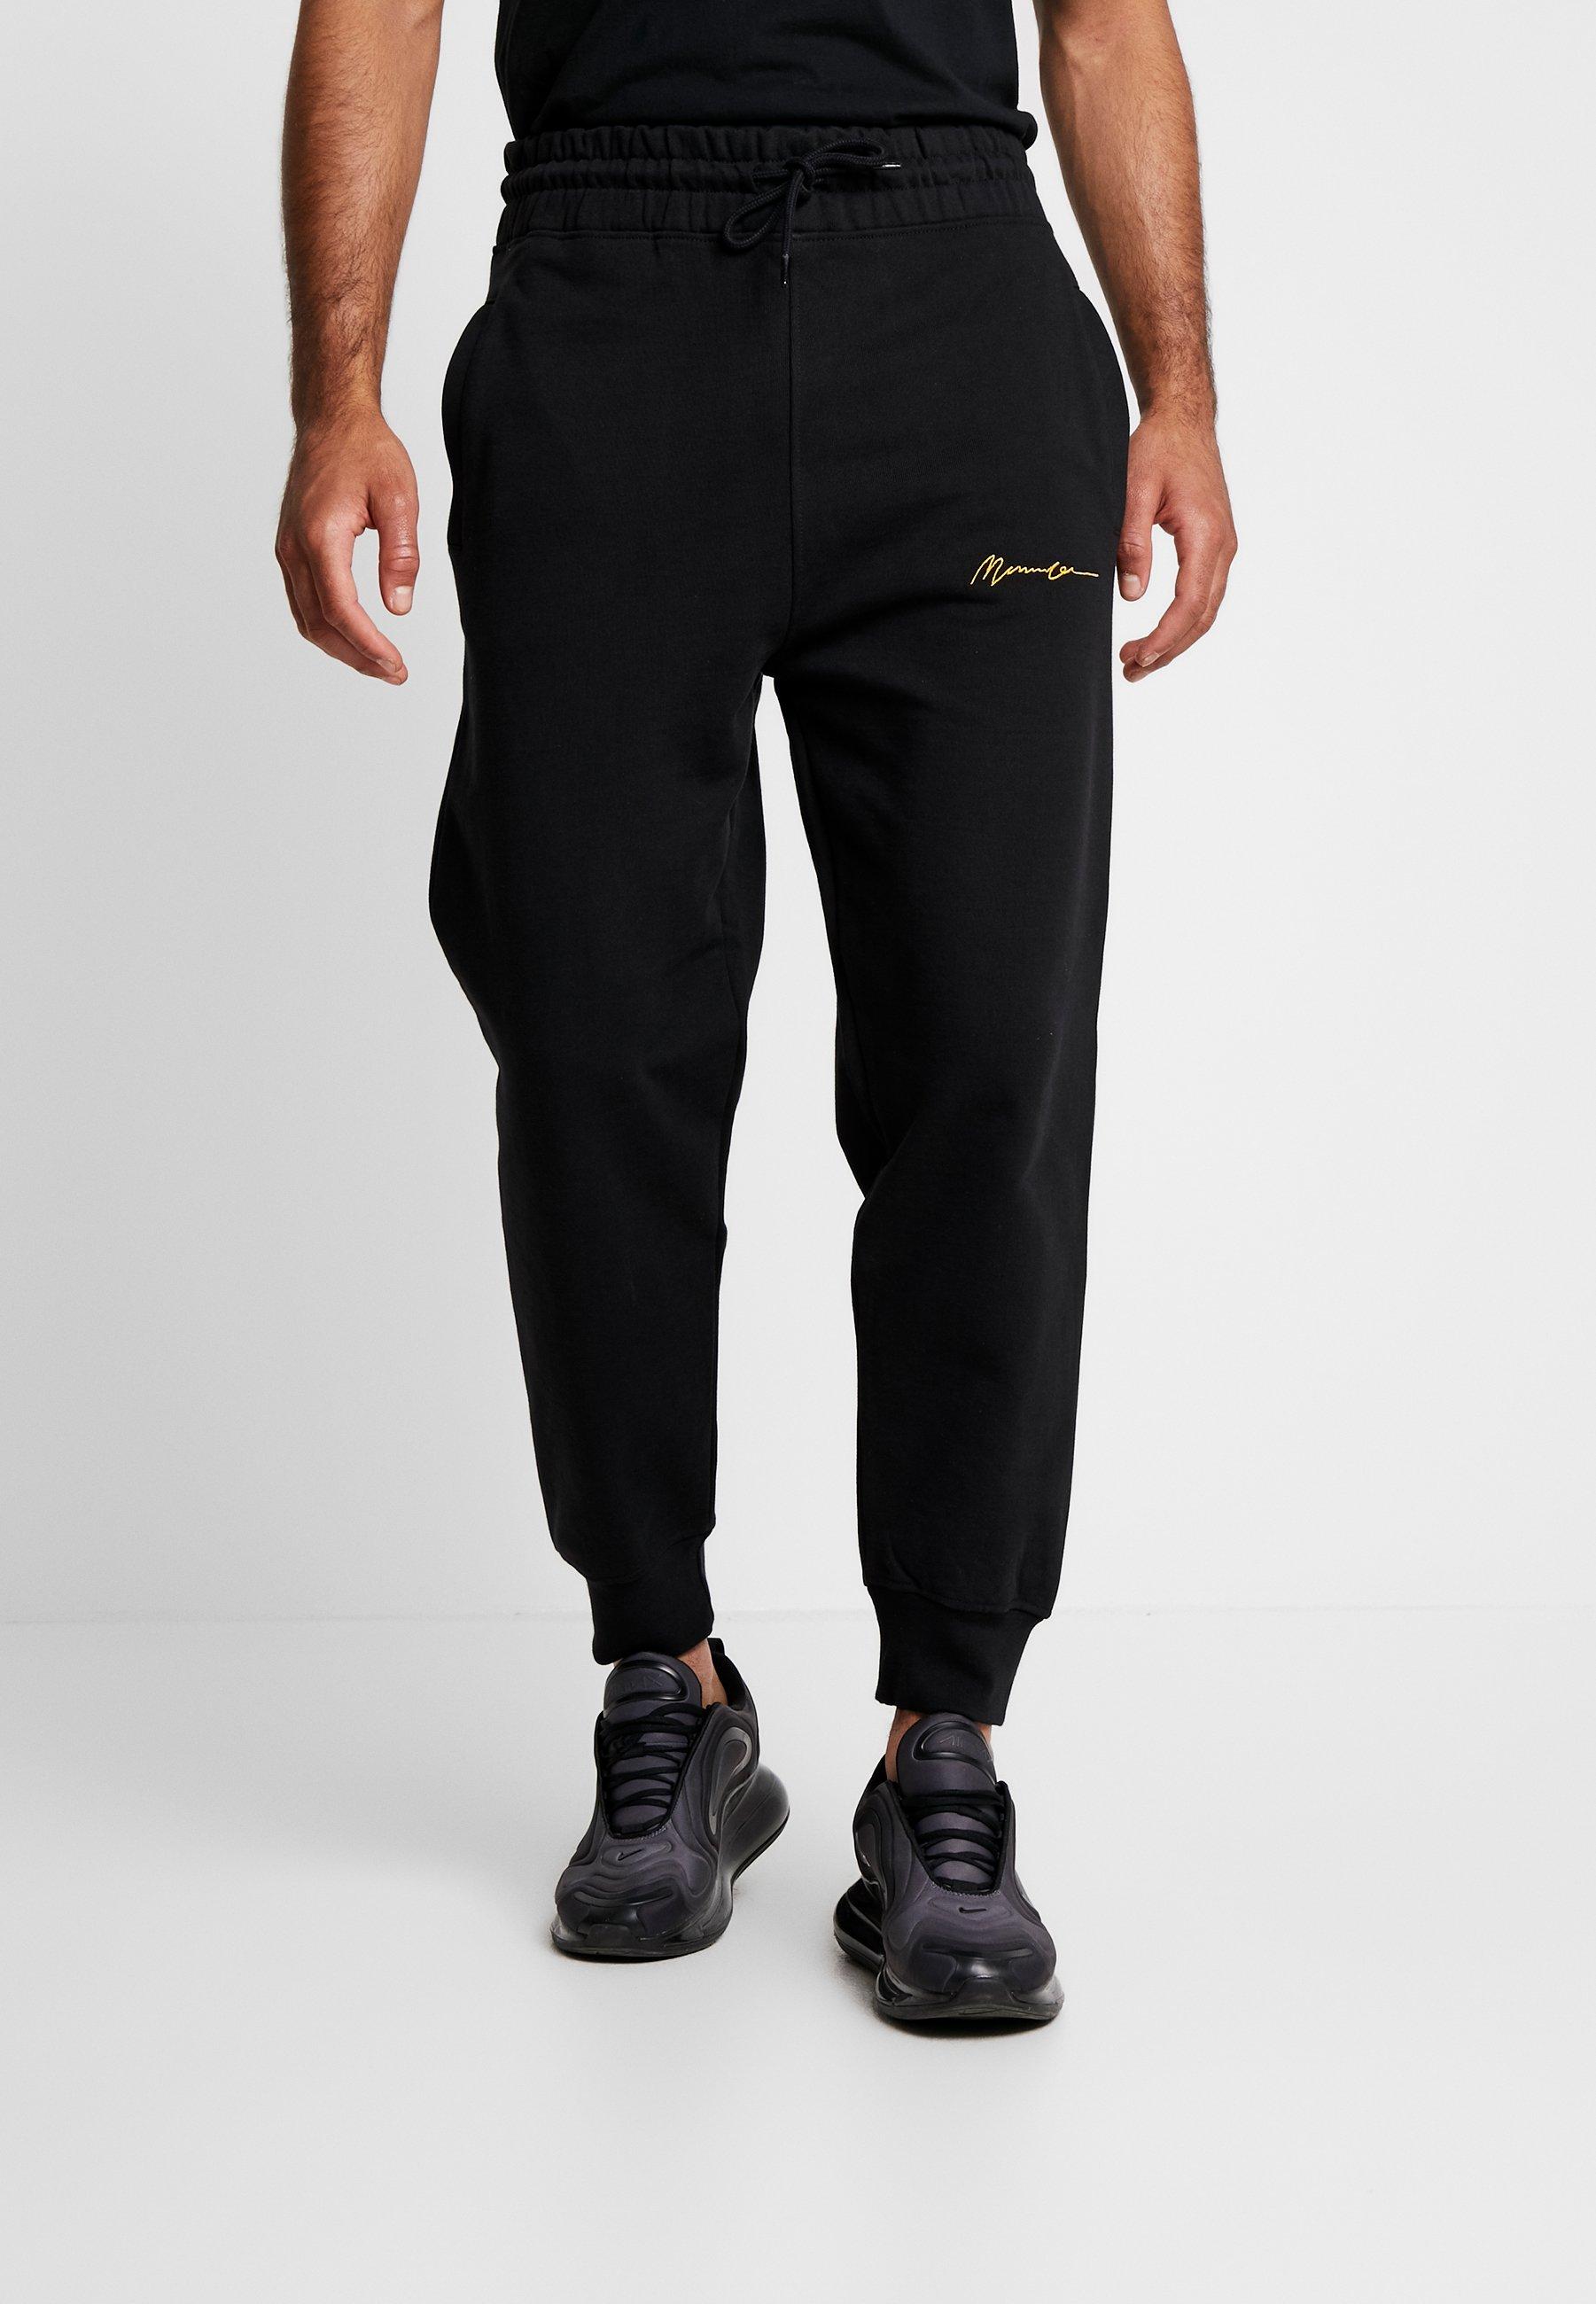 Mennace De Black Signature JoggerPantalon Survêtement Regular 8N0wvmOn